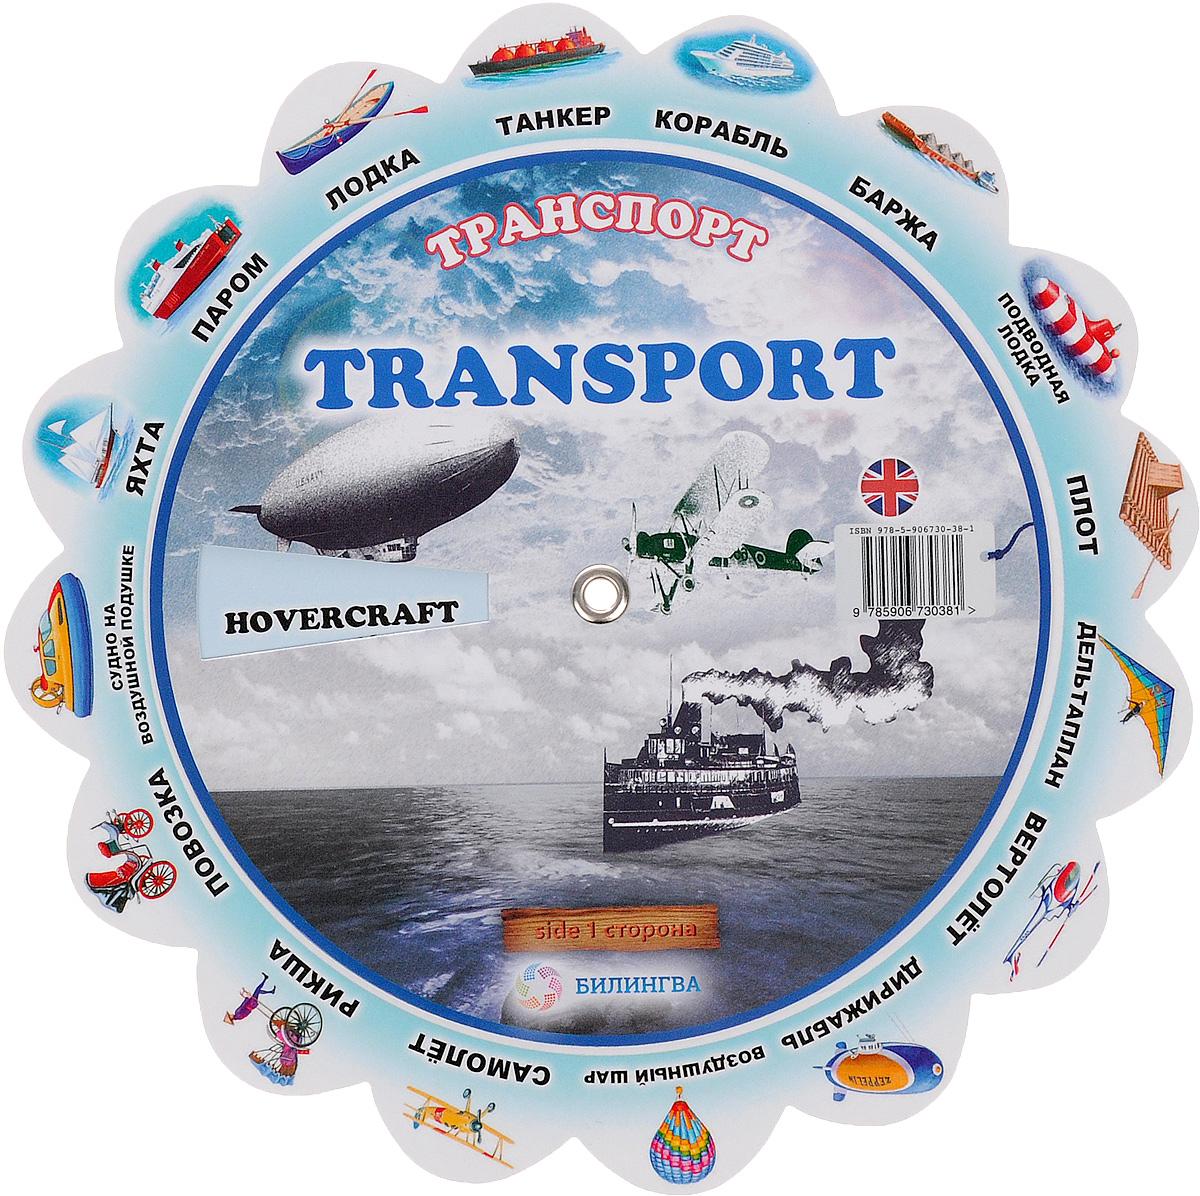 Transport / Транспорт. Иллюстрированный тематический словарь tenba transport tri pak t385 сумка для фото видеотехники